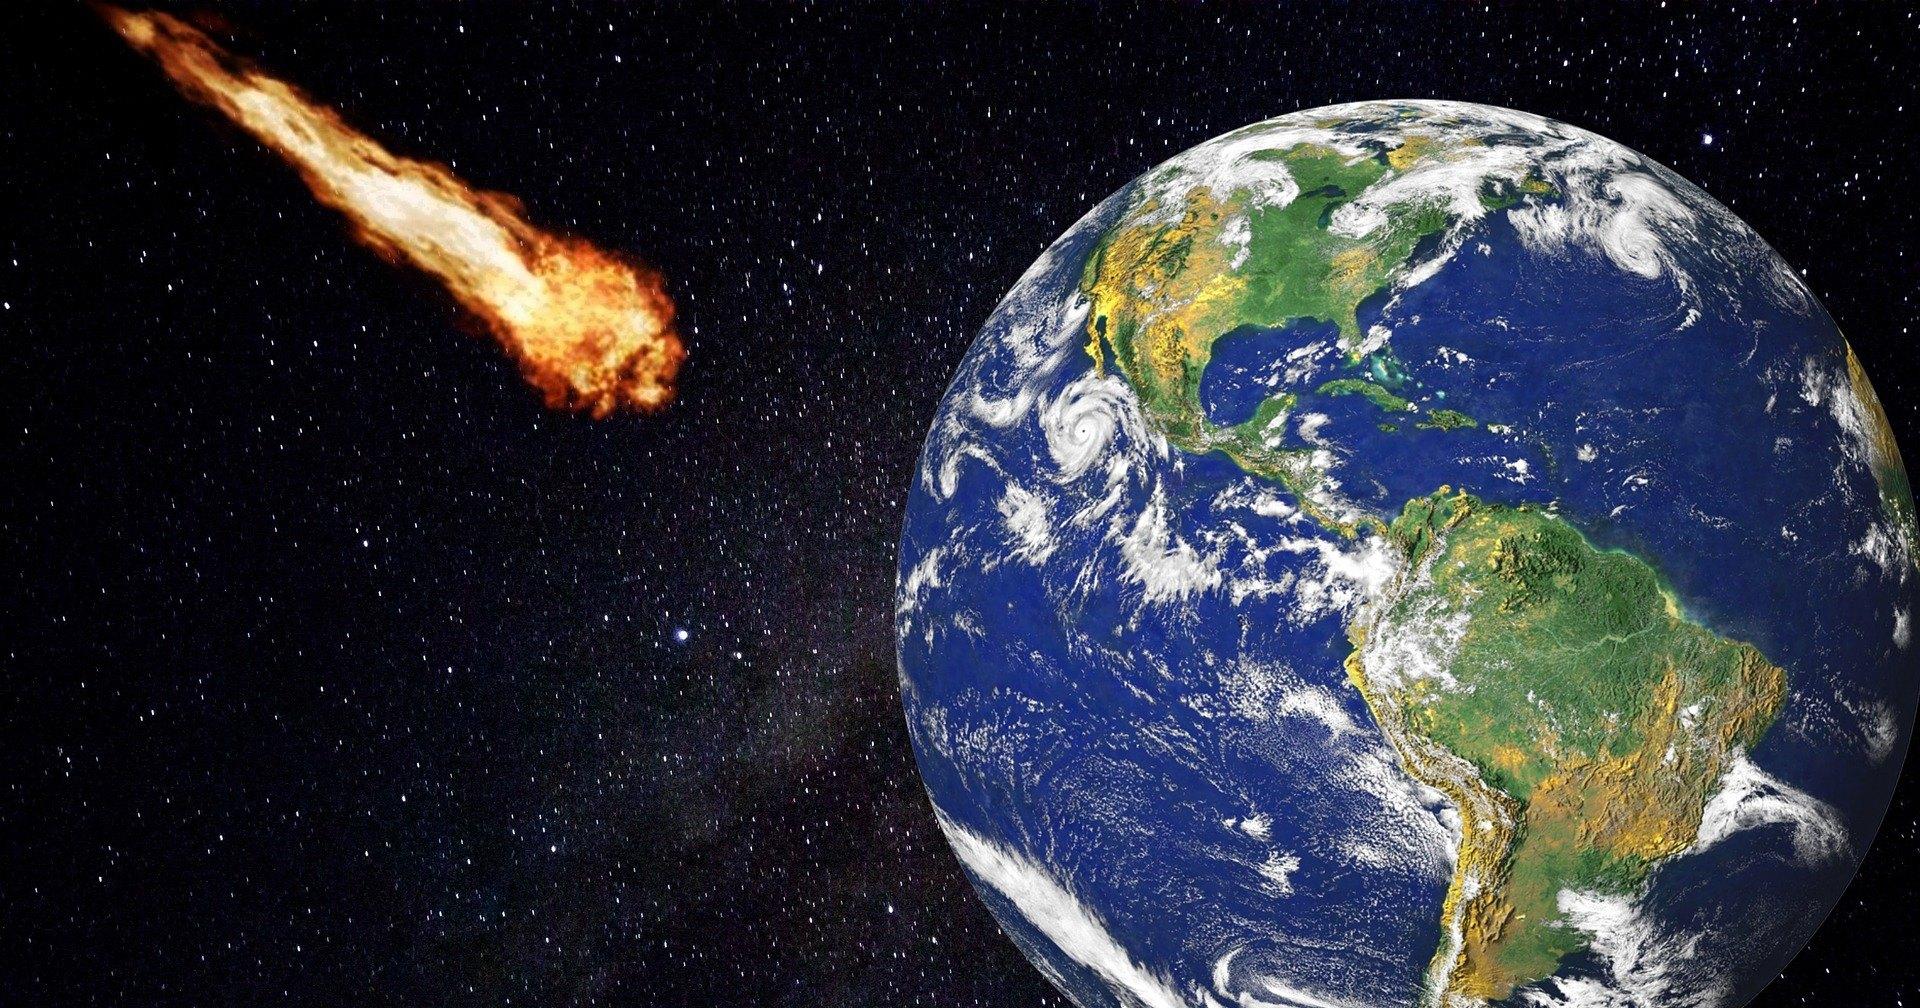 Еще один подозрительный метеорит упал на Землю